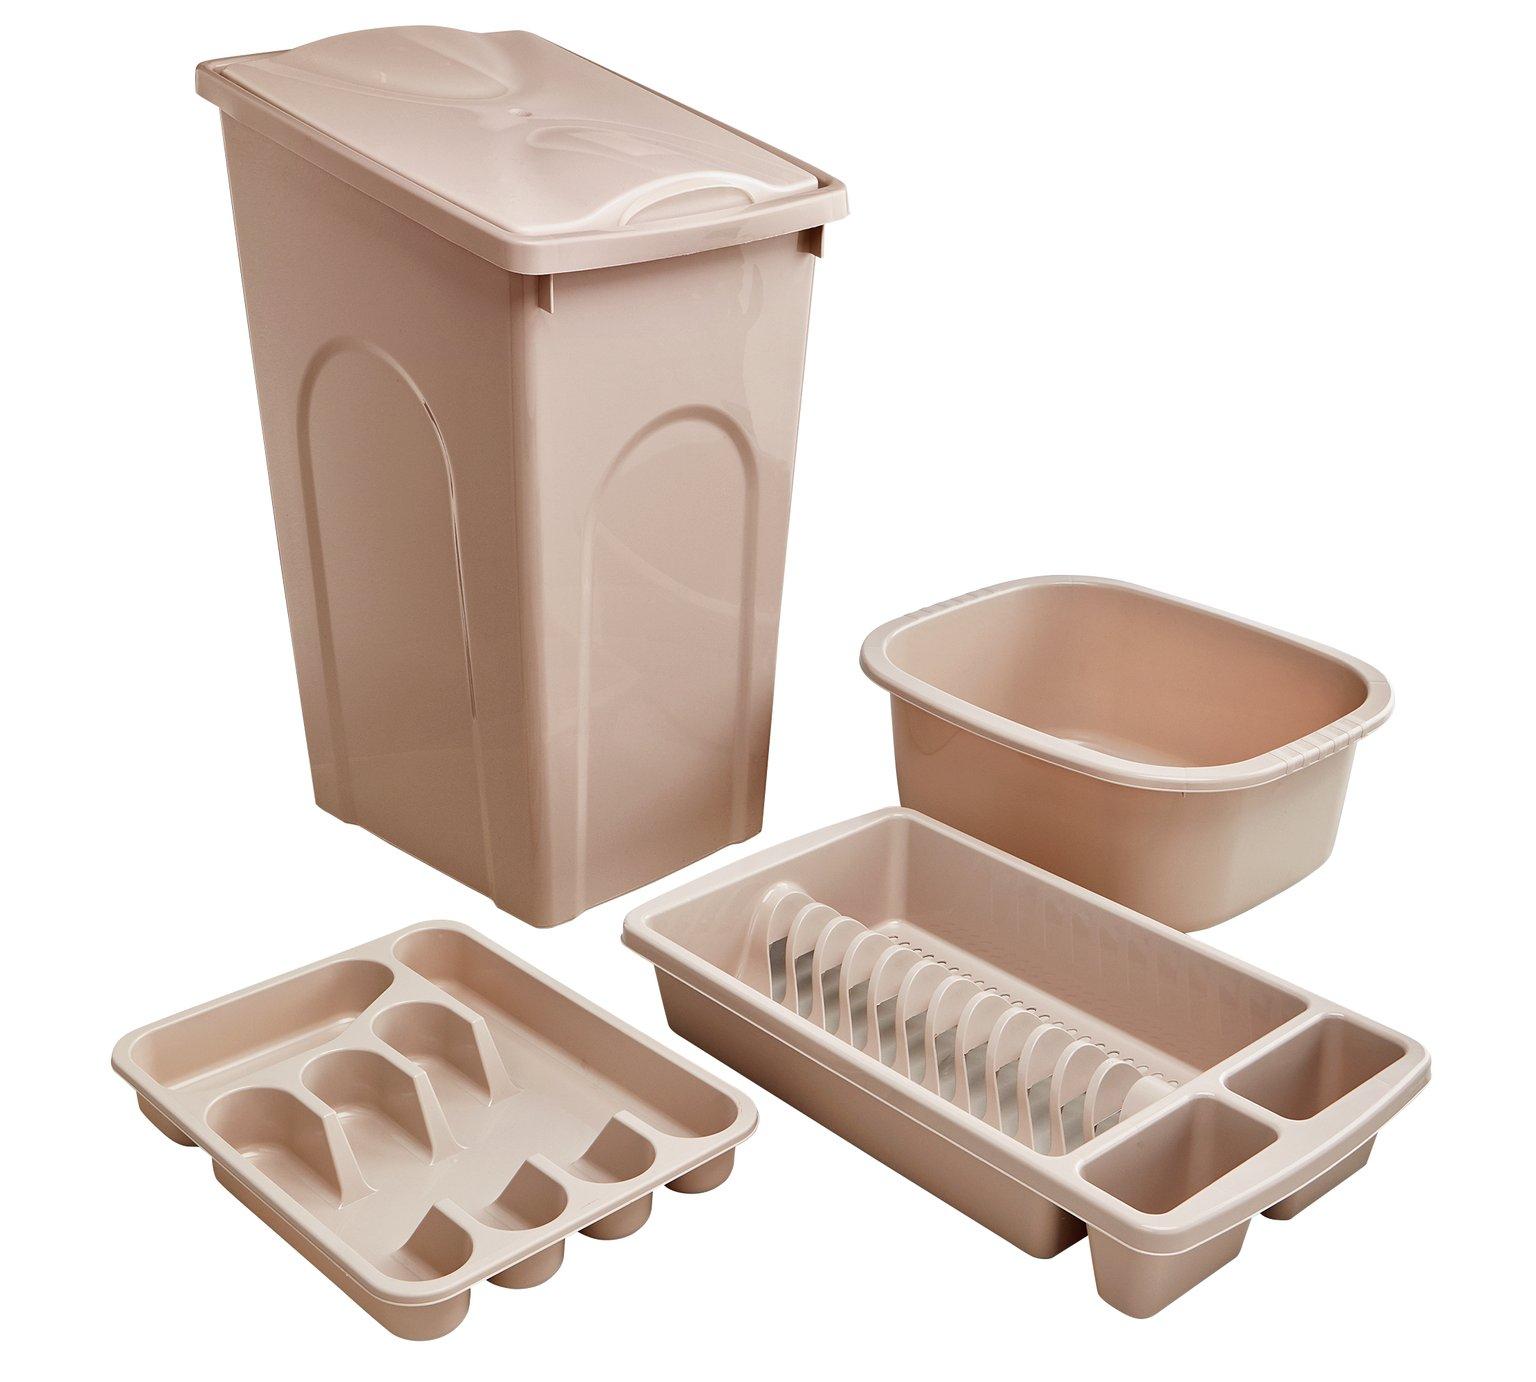 Argos Home 4 Piece 50L Kitchen Bin Set - Natural £10.99 @ Argos